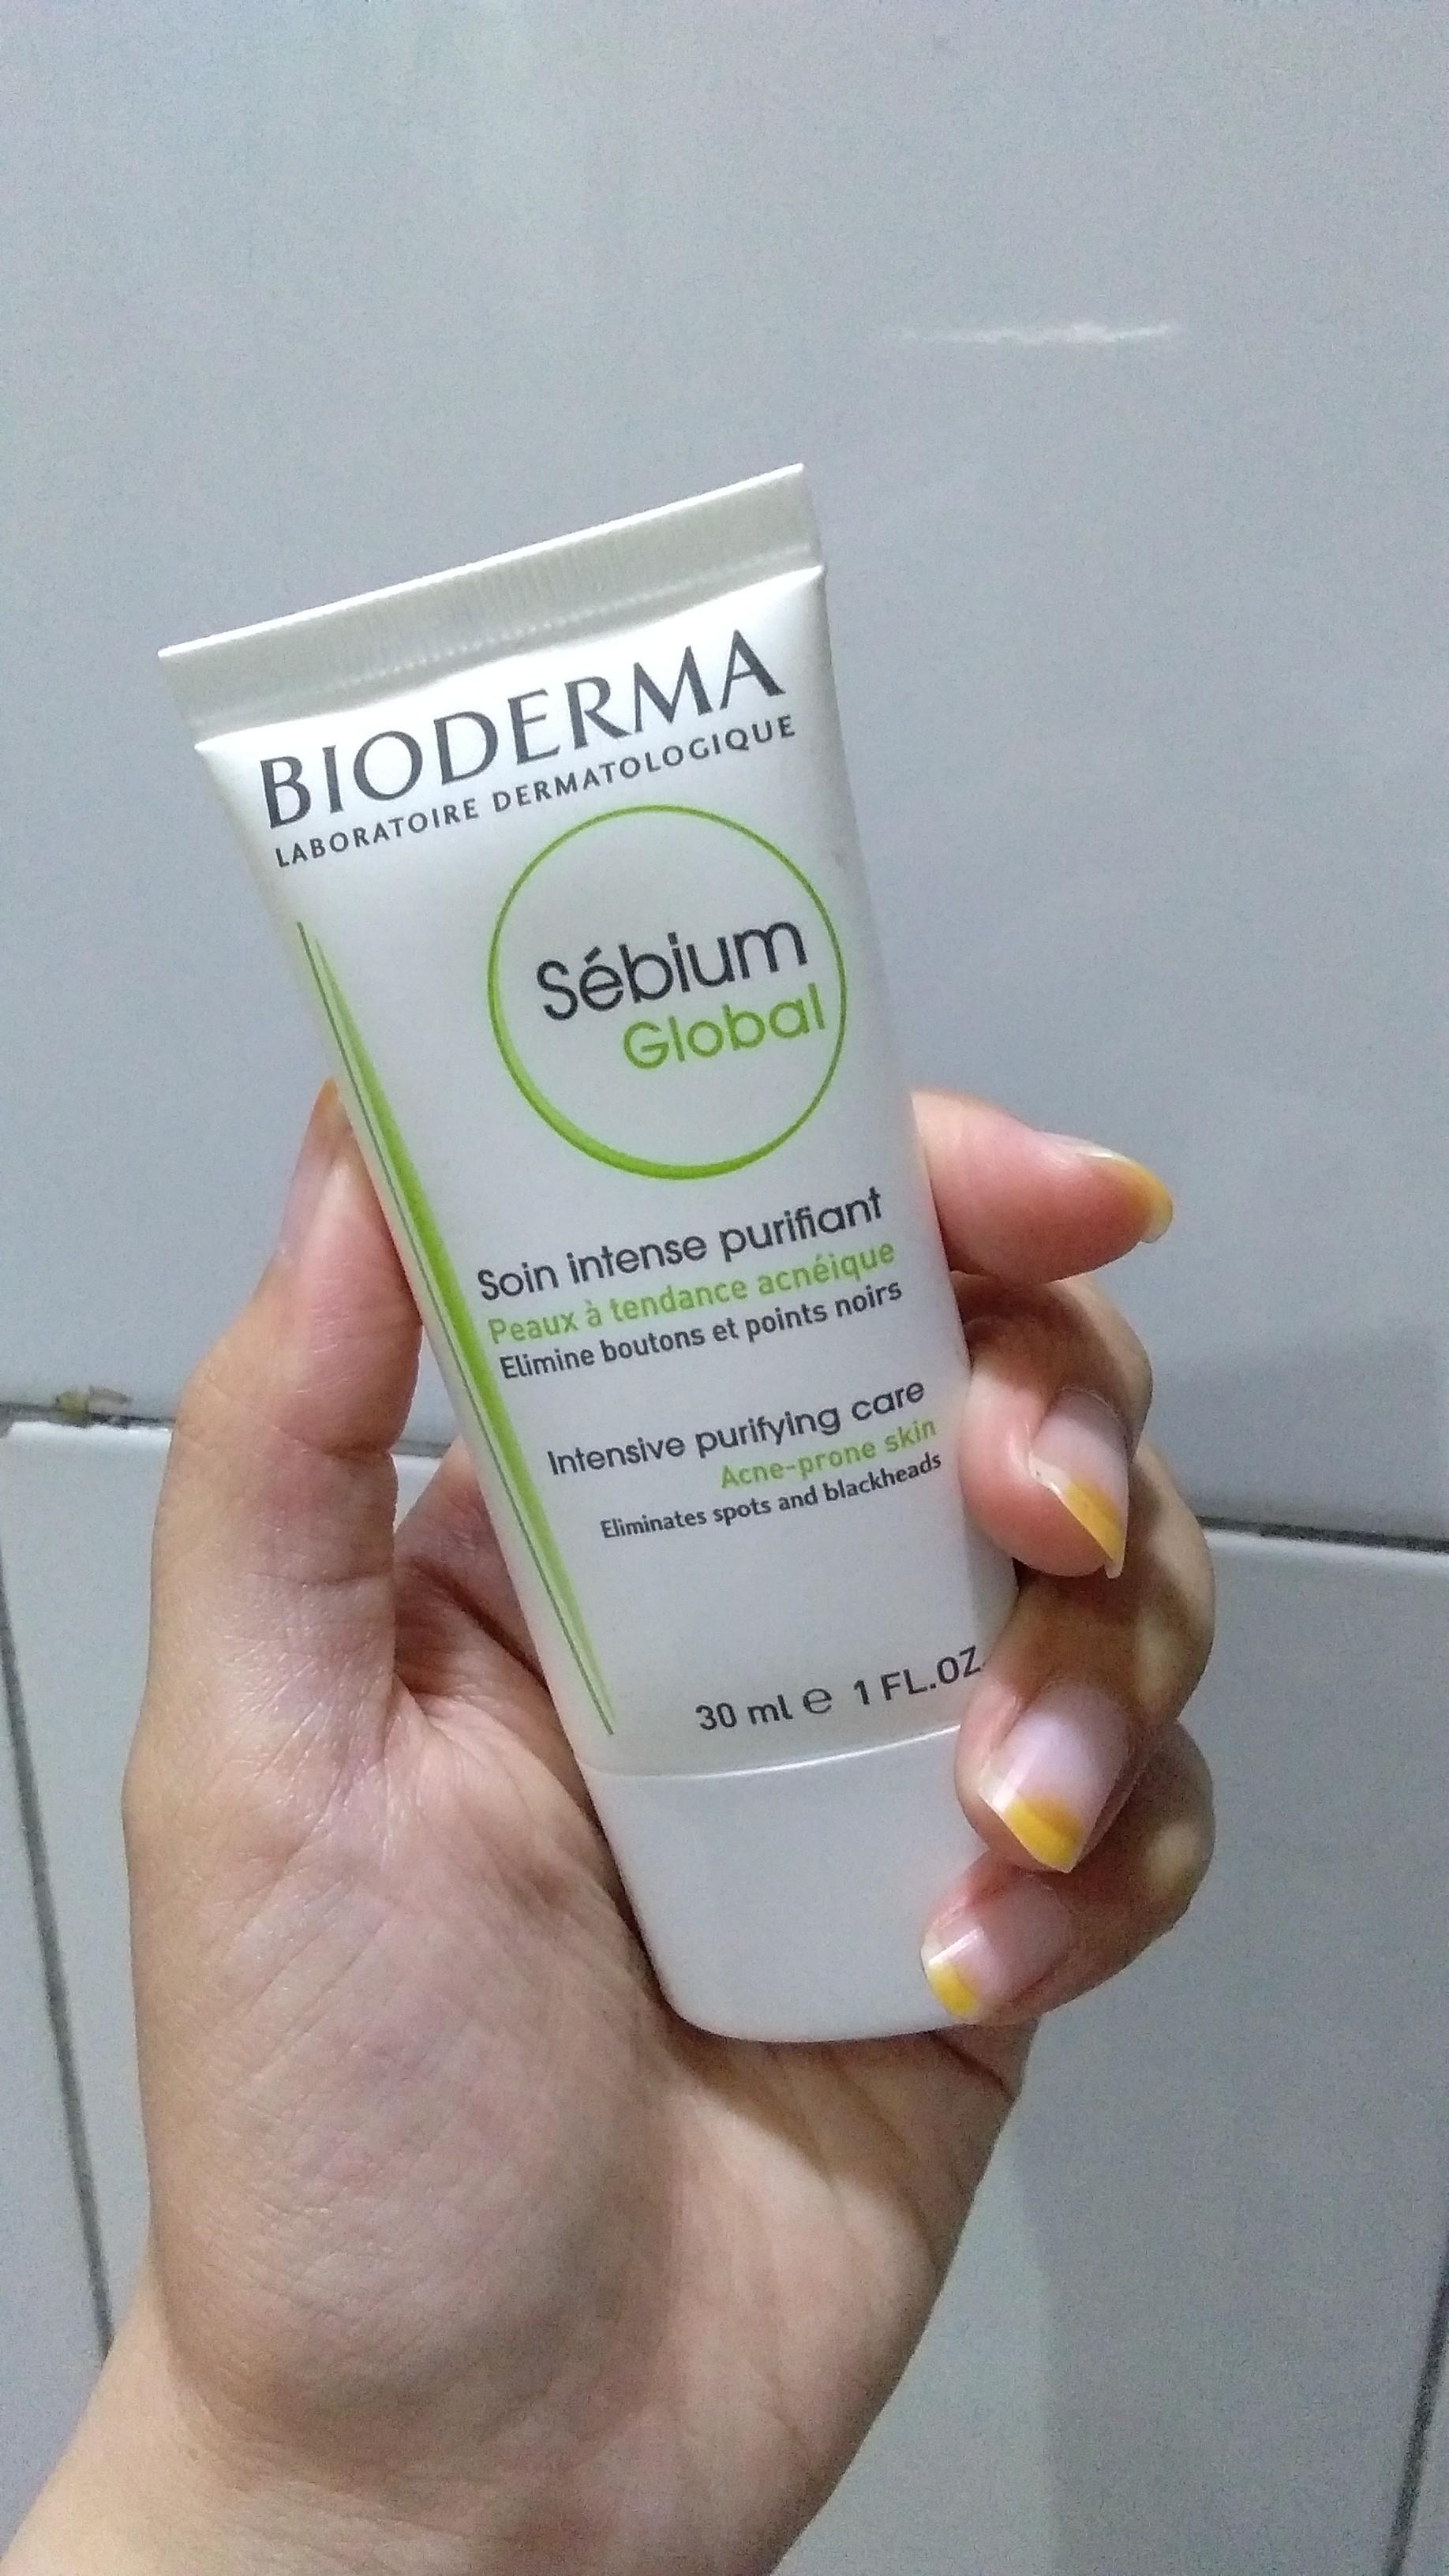 Bioderma Sebium Global